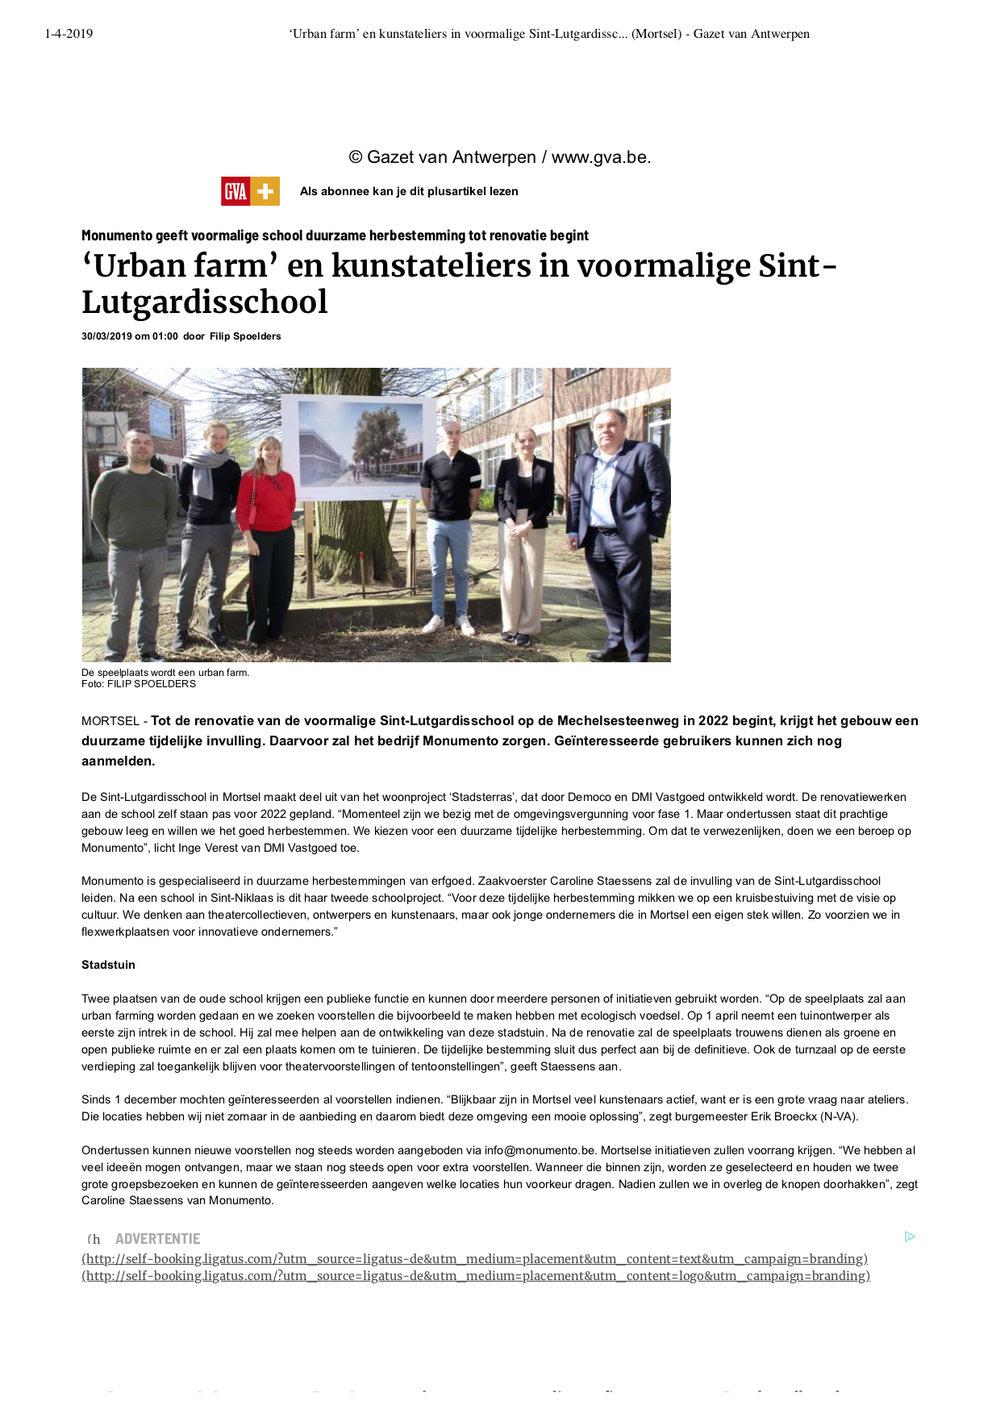 'Urban farm' en kunstateliers in voorma...ssc... (Mortsel) - Gazet van Antwerpen.jpg